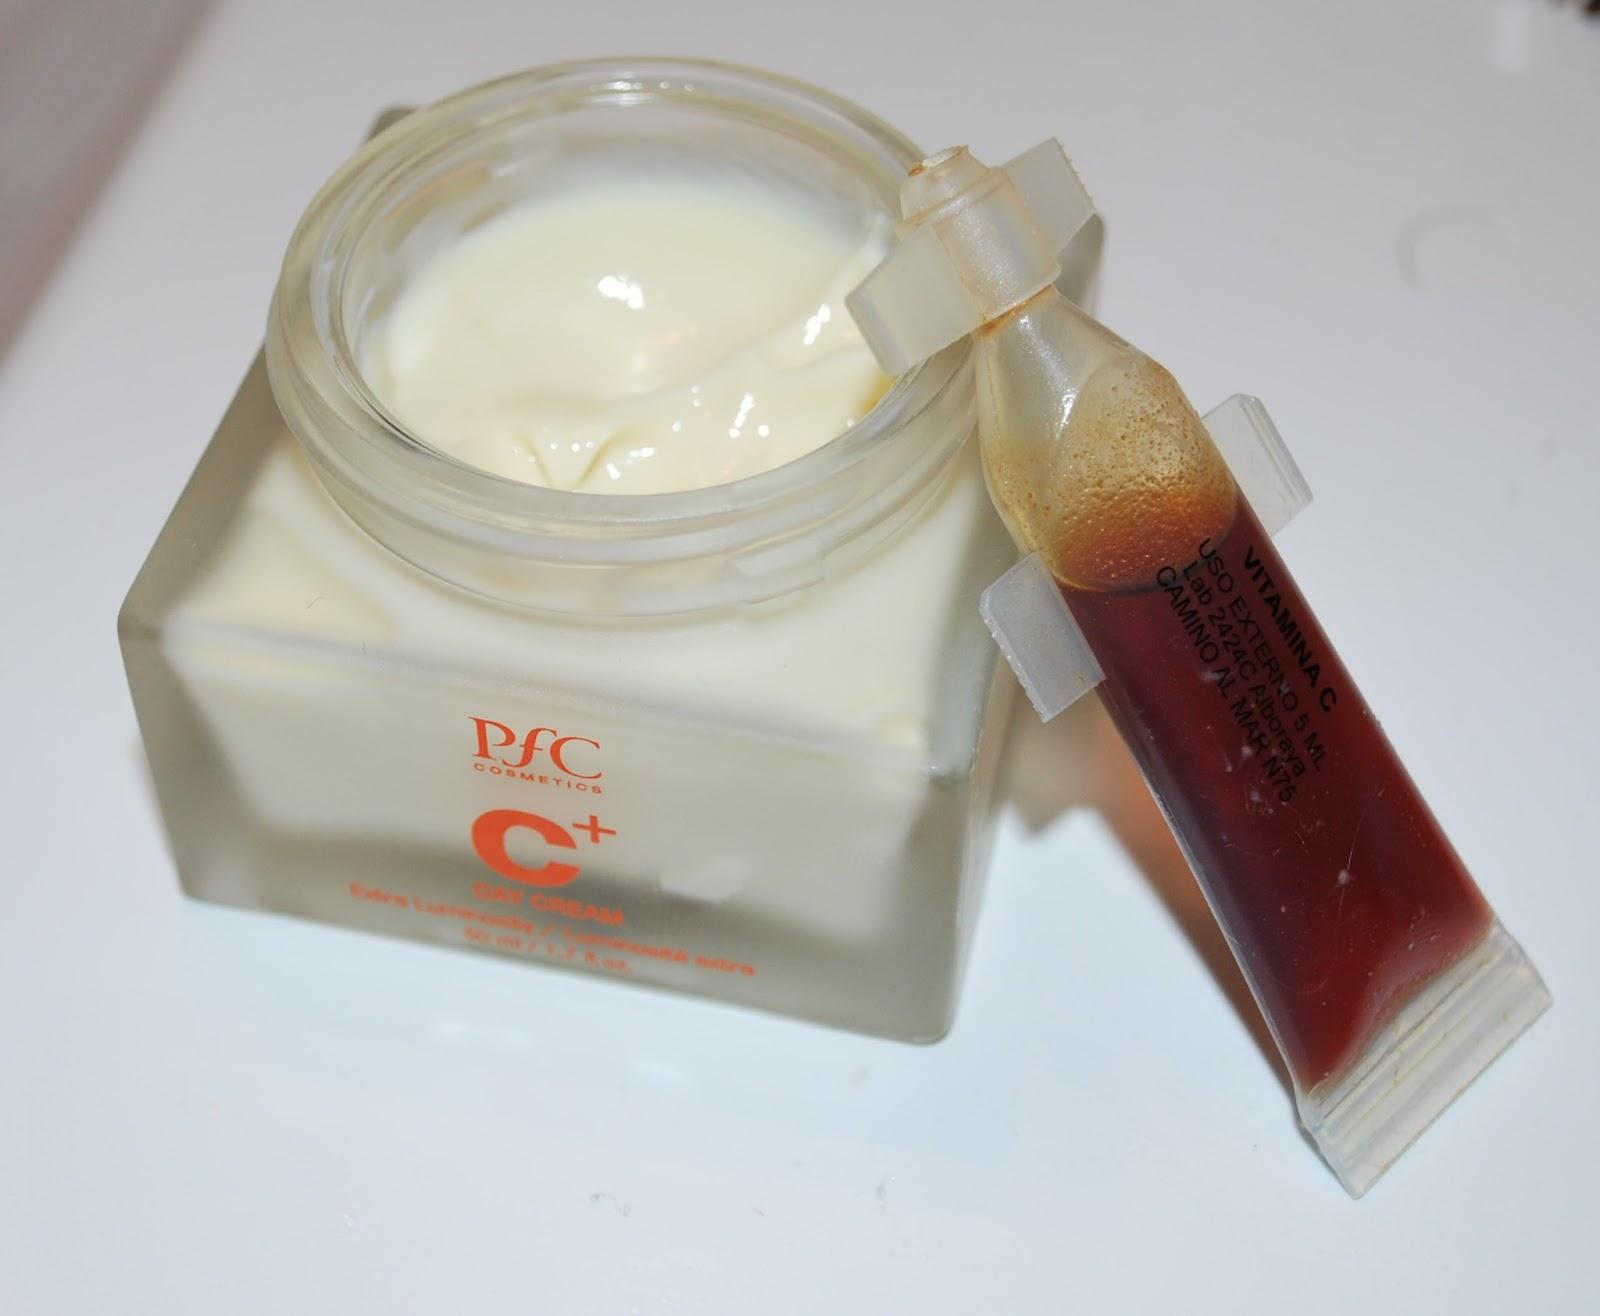 tratamiento para la piel C+